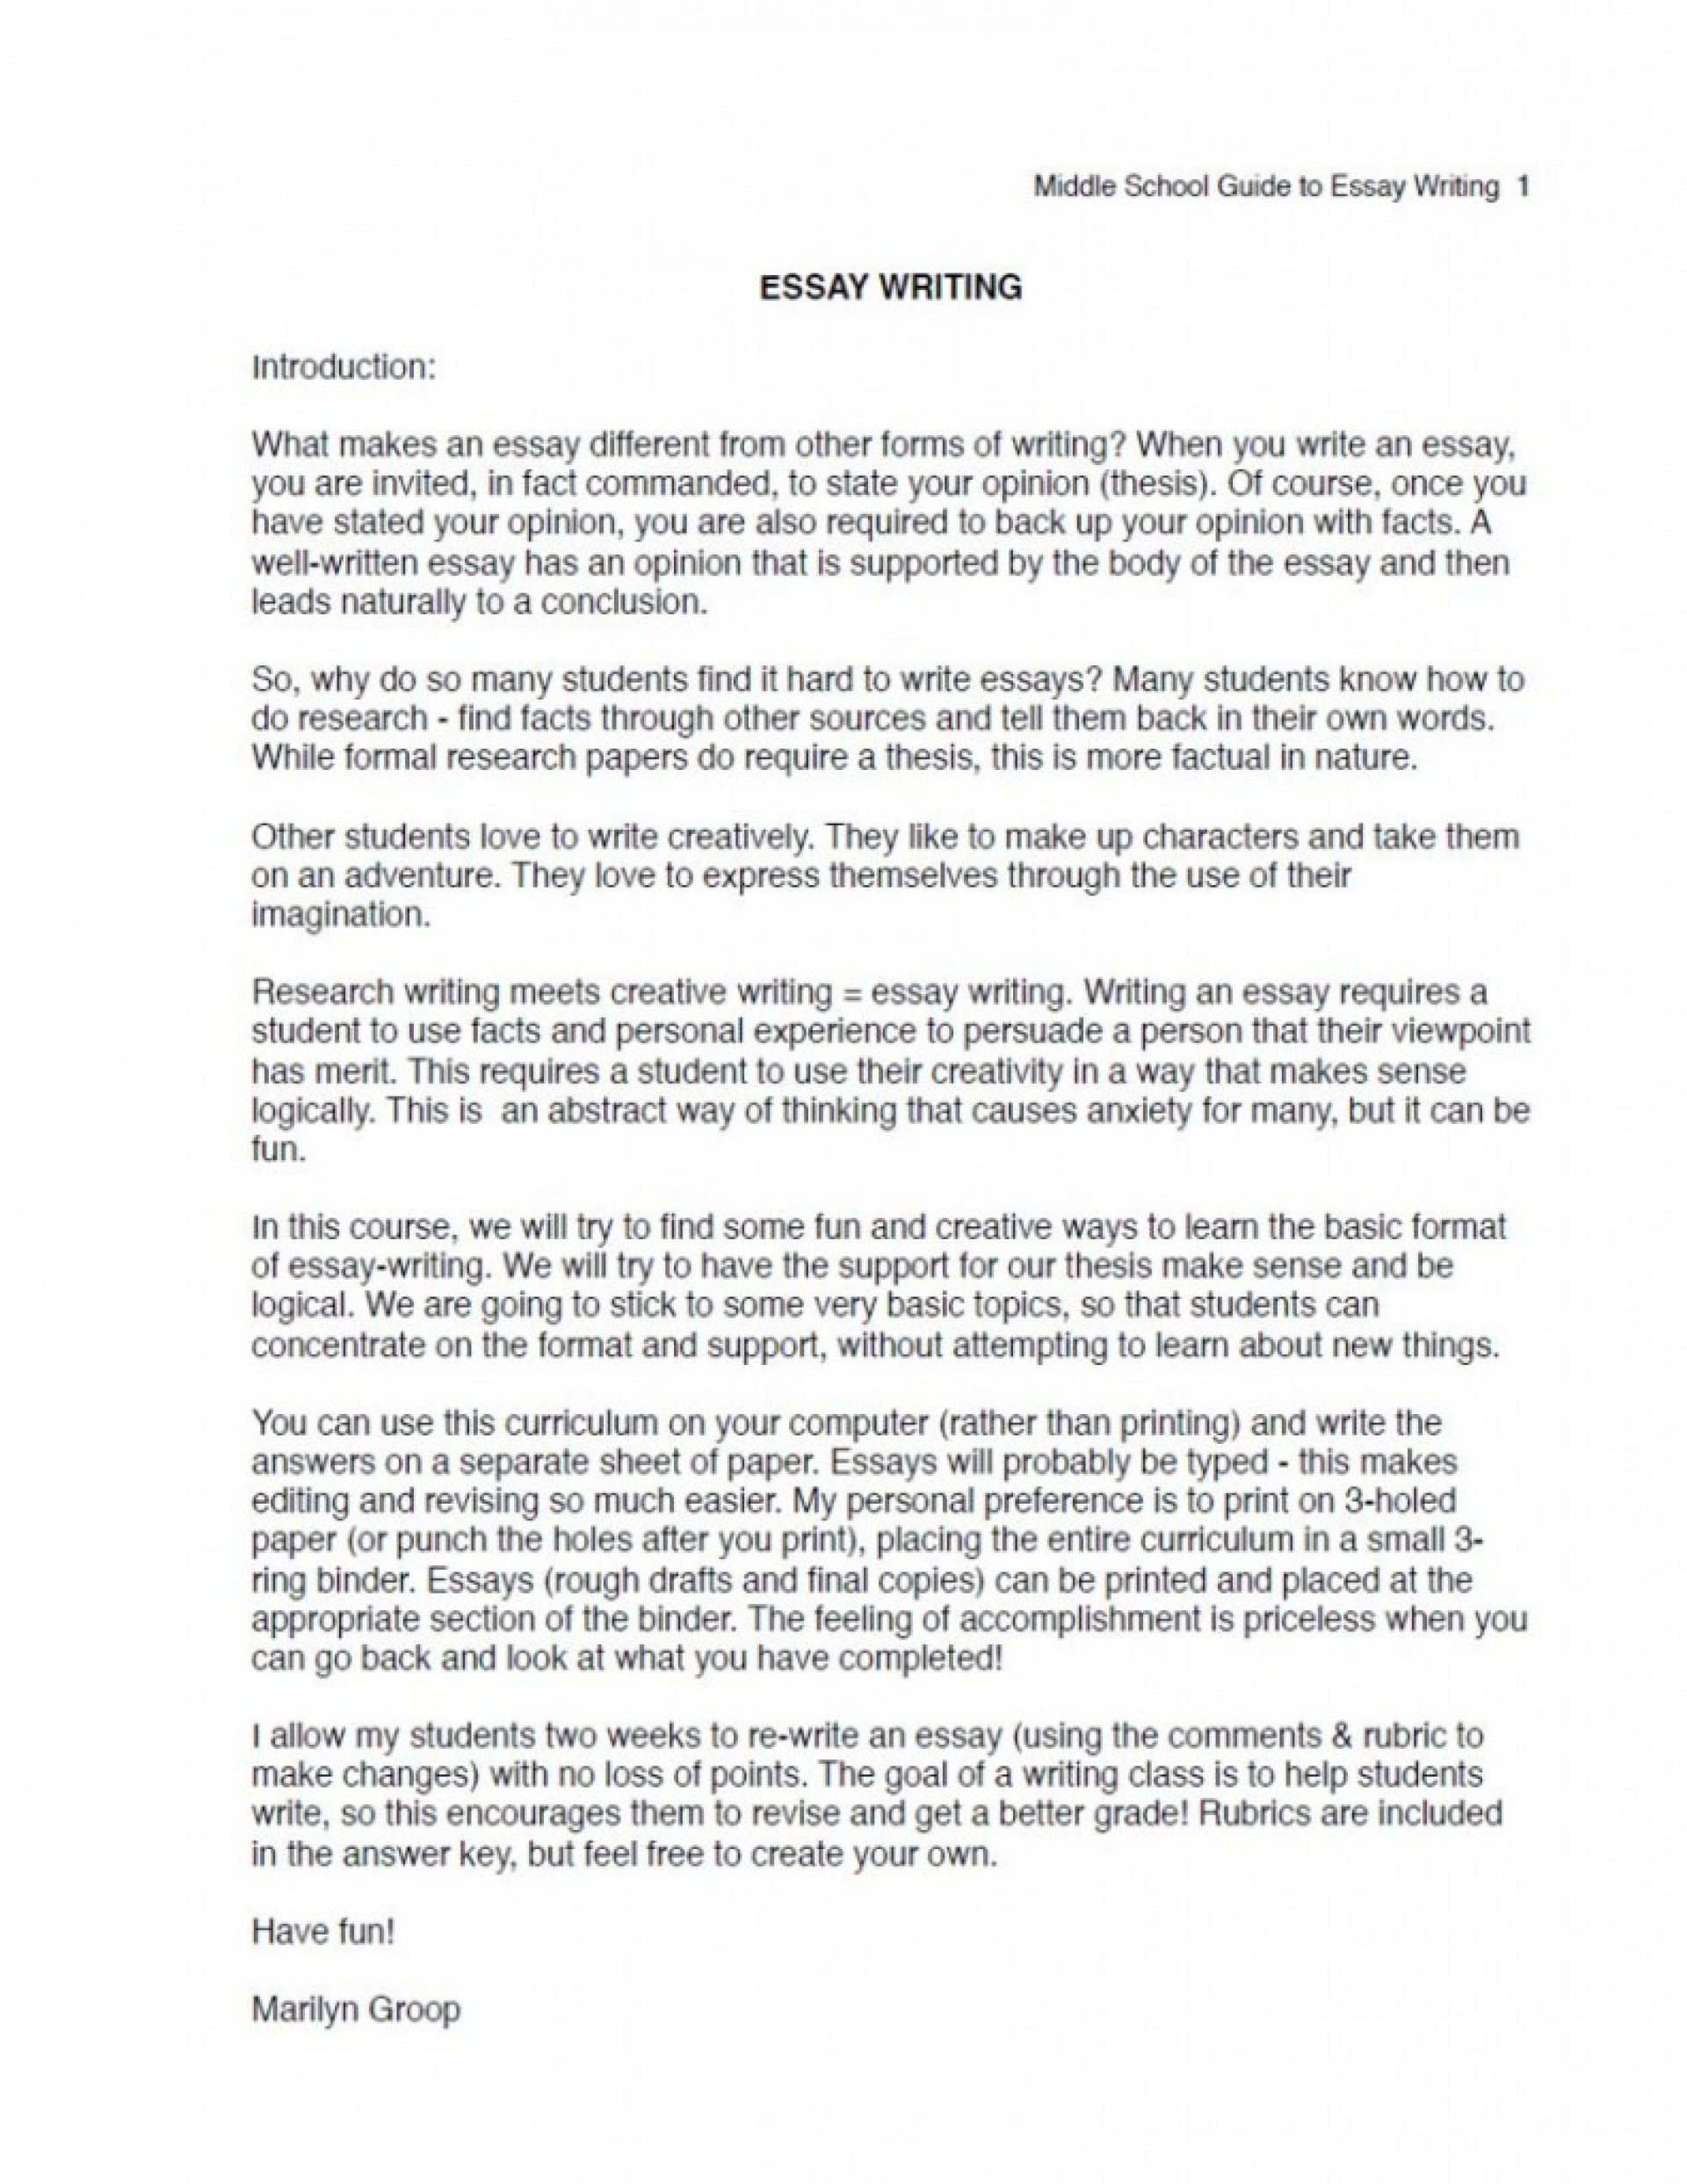 011 Essay Example School Uniform Ms Excerpt Sensational Is Compulsory In Hindi Conclusion 1920